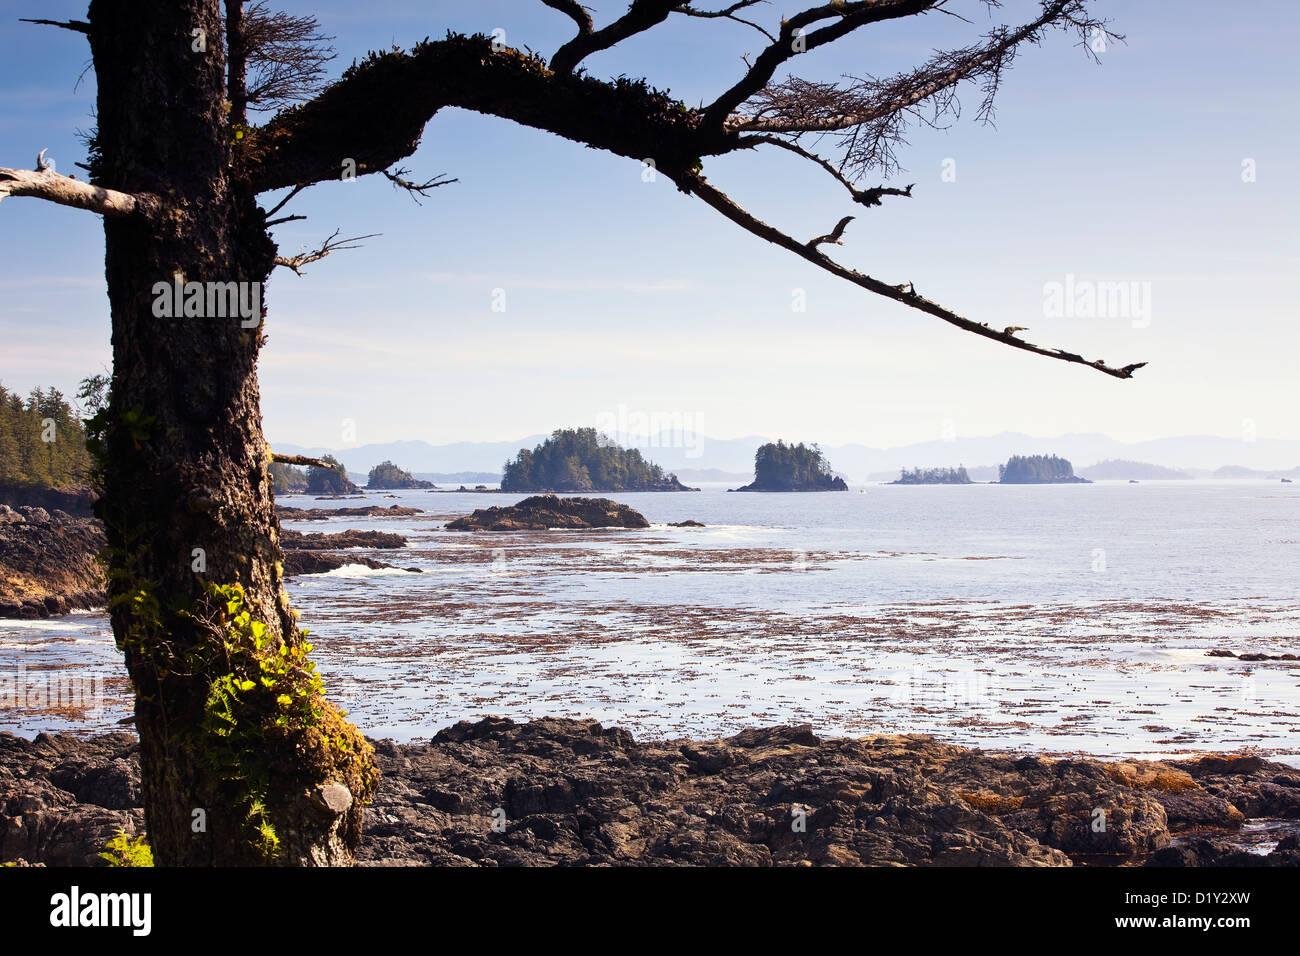 Gebrochene Inseln betrachtet aus der Wild Pacific Trail auf Vancouver Island, Ucluelet, Britisch-Kolumbien, Kanada. Stockbild